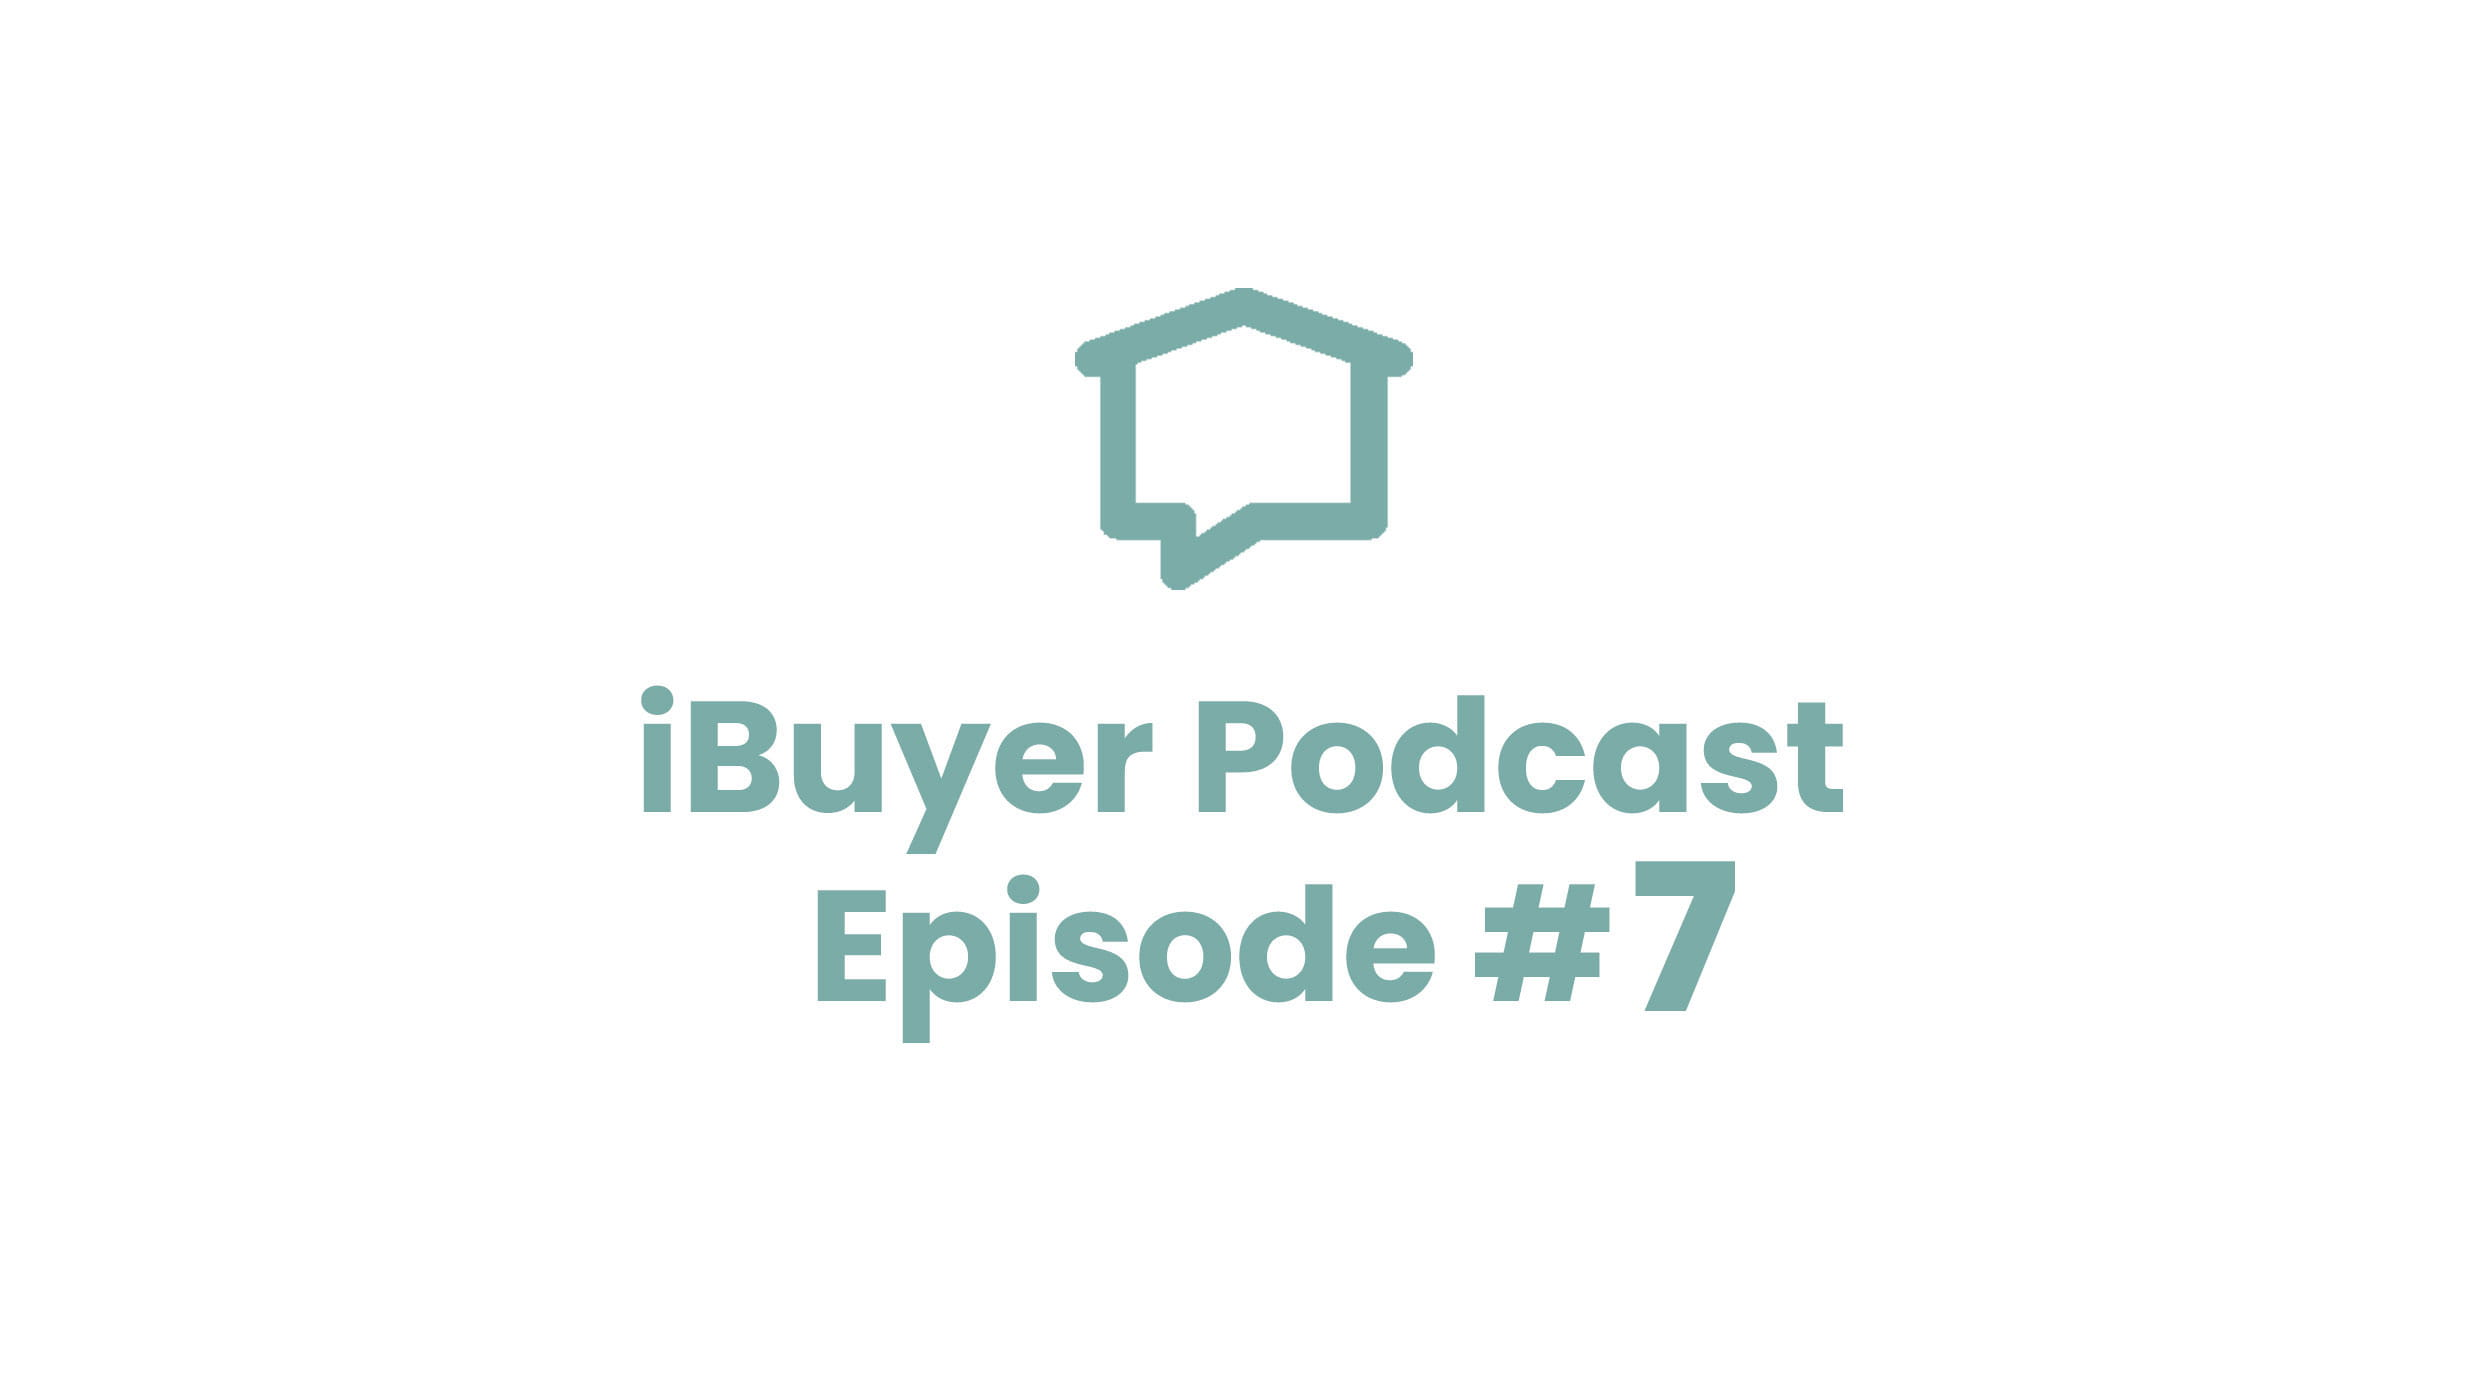 ibuyer podcast episode 7